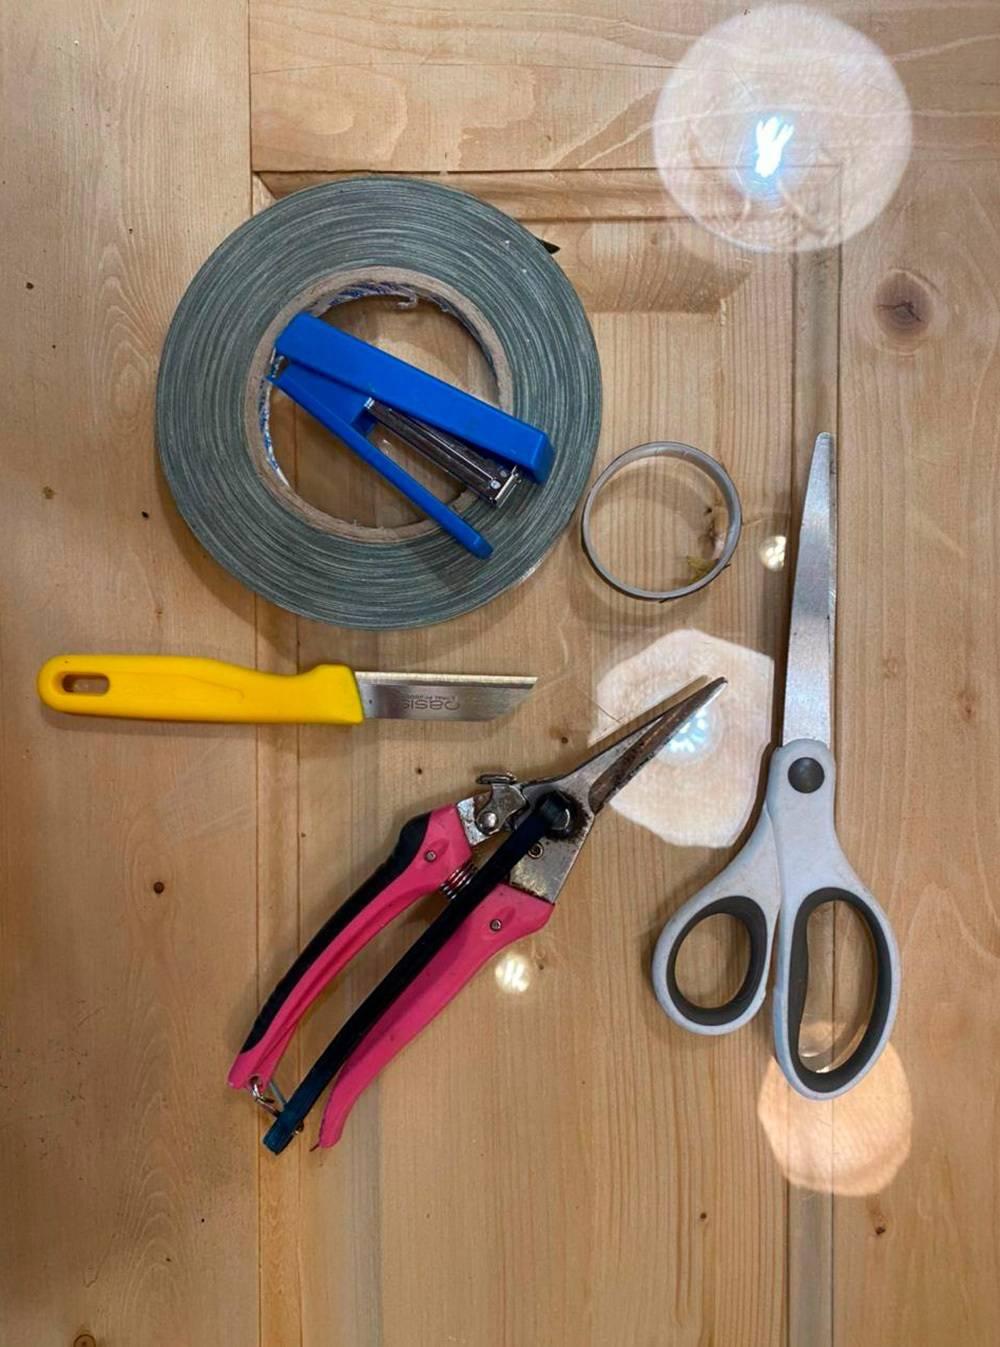 Инструменты флориста: резак, степлер, тейп‑лента, ножницы, анкор. Тейп‑лента — это клейкая лента из ткани, ее используют, чтобы зафиксировать живой цветок в венке или бутоньерке. Такая лента удерживает влагу напротяжении 3—4 часов инедает цветку завянуть. Анкор — похожая лента, но сболее плотной основой